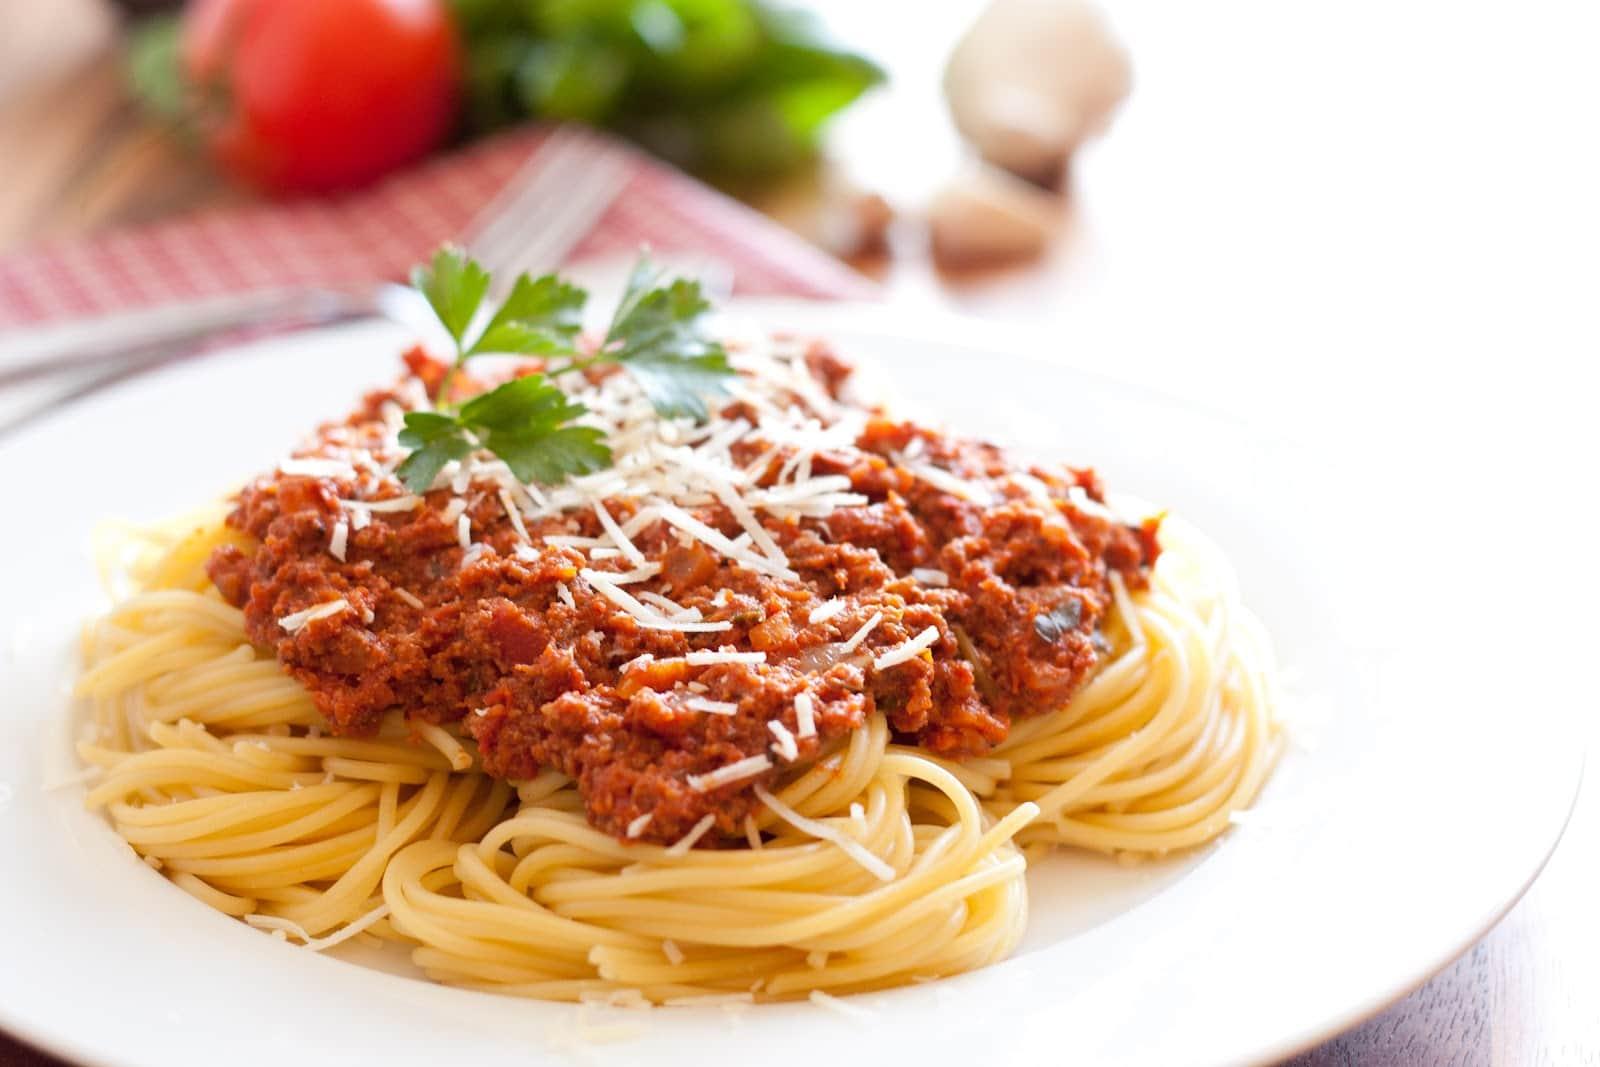 spaghettiwithmeatsauce11